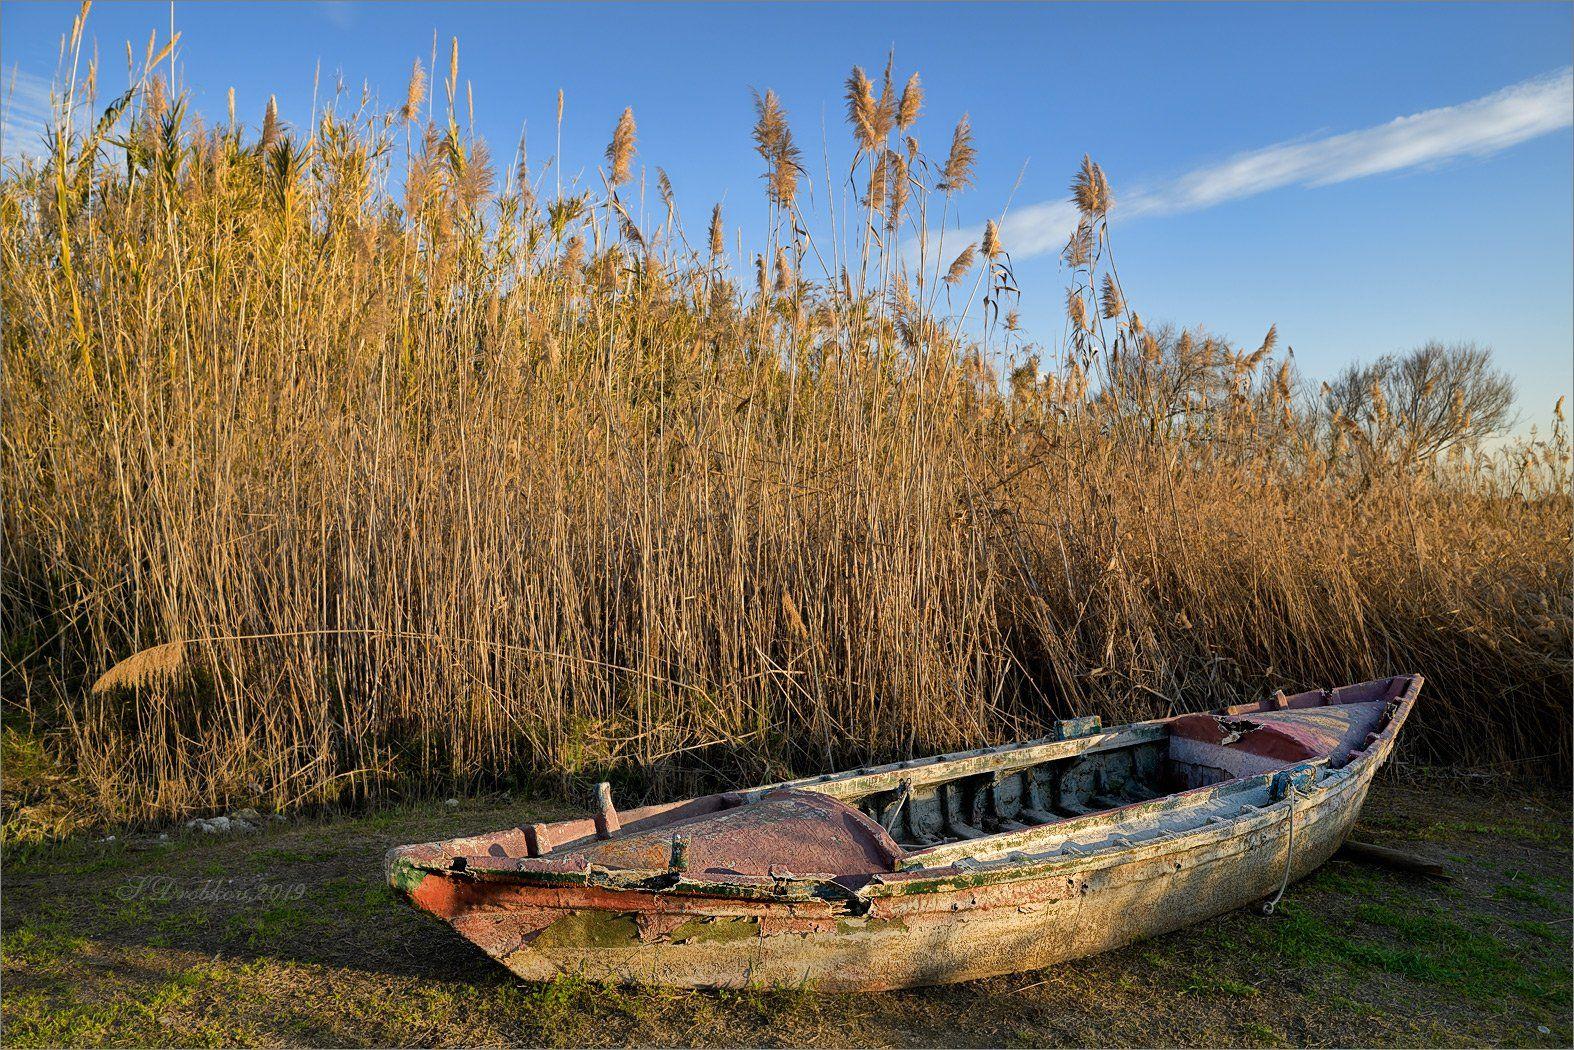 лодка, закат, озеро, камыши, небо, Sergey Drobkov